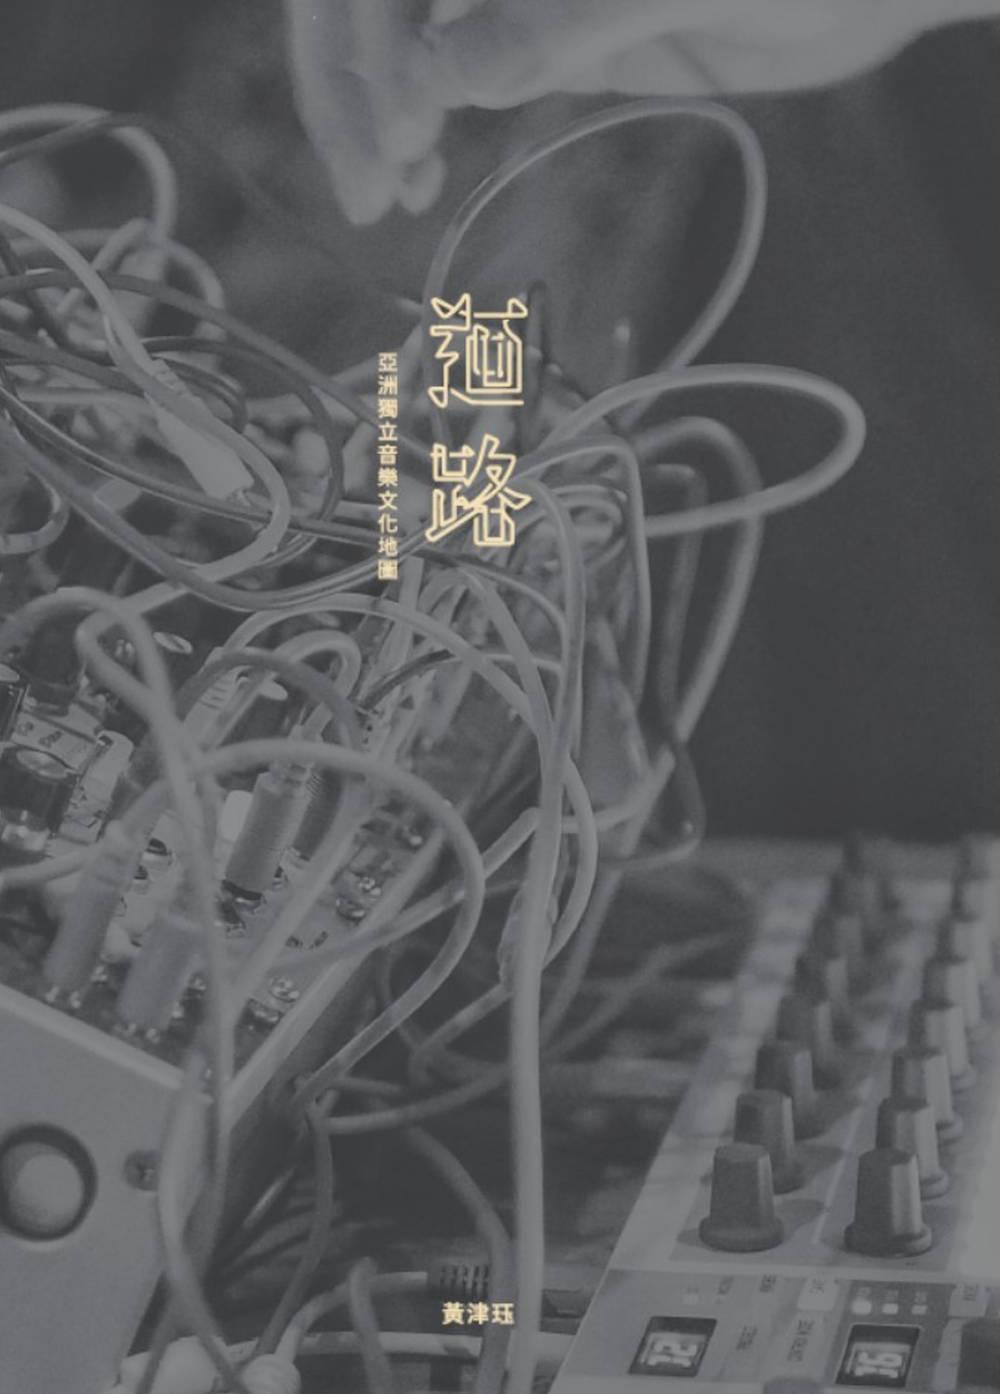 迴路:亞洲獨立音樂文化地圖